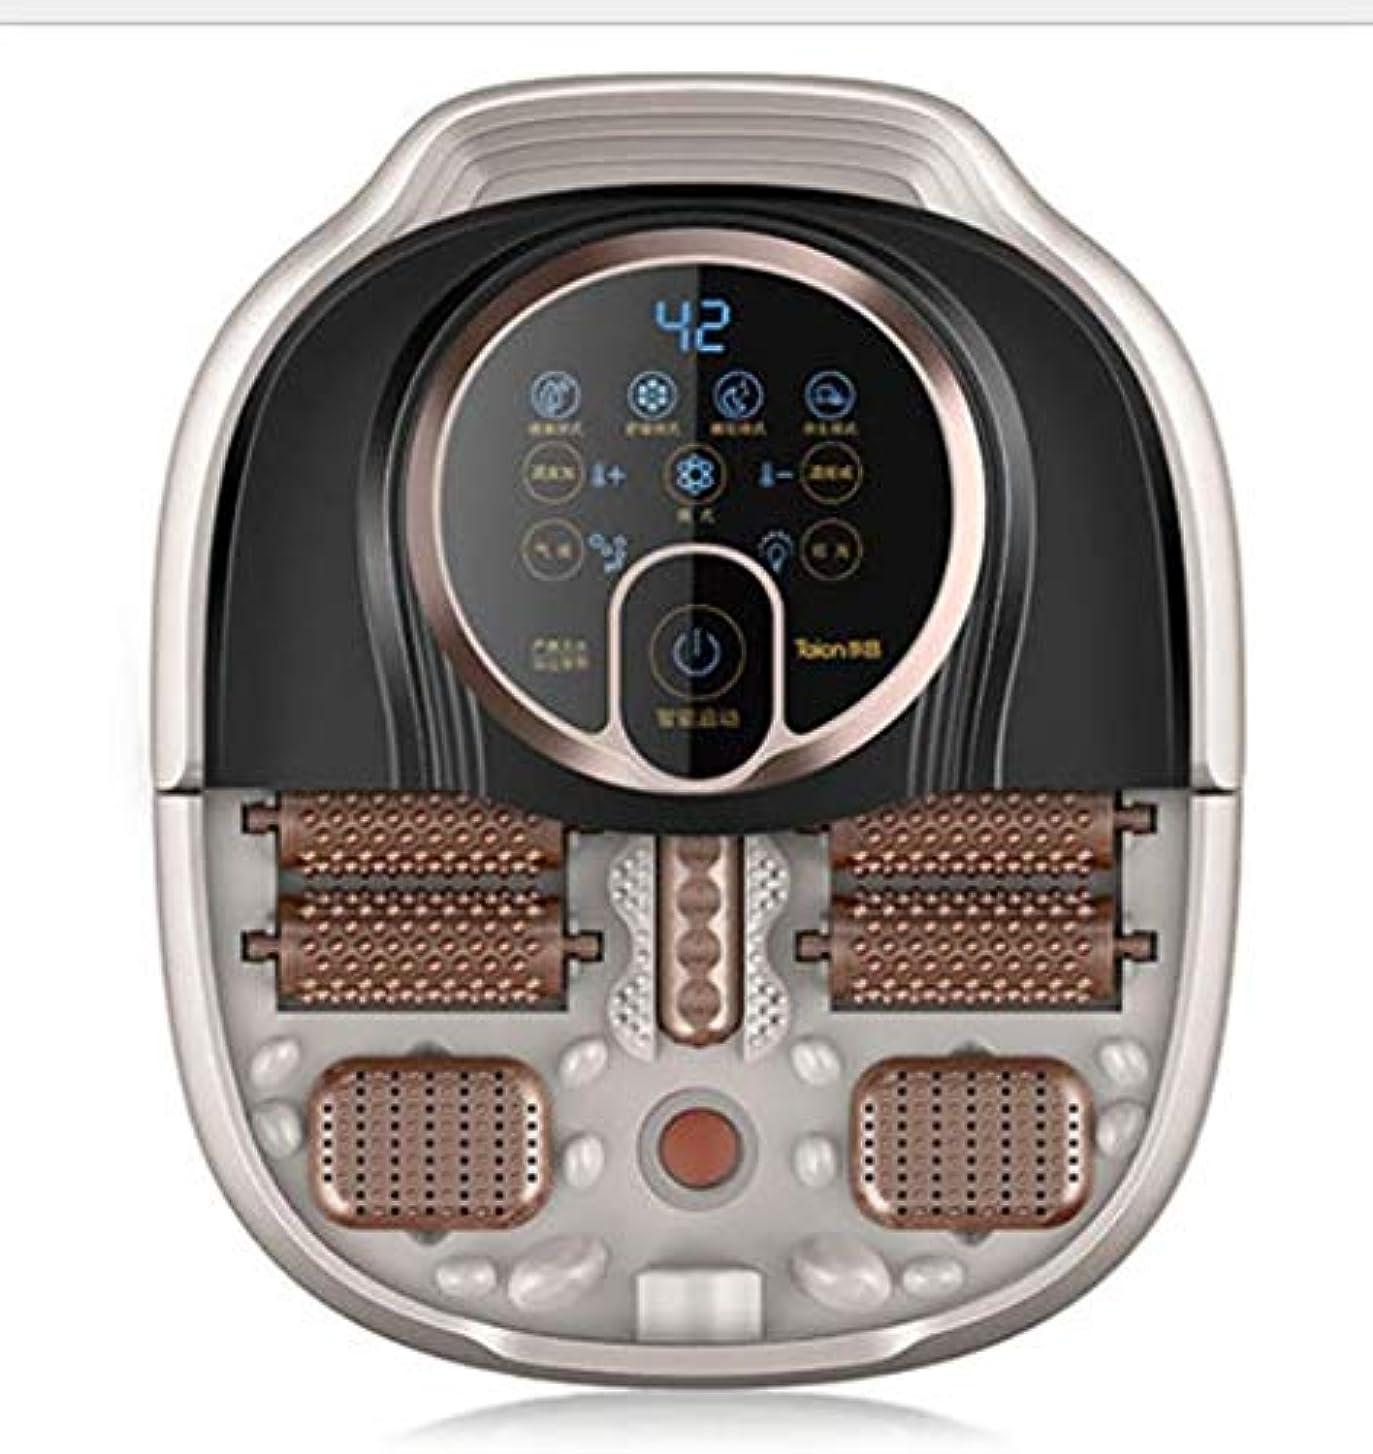 遅れ輪郭ひらめき電気フットマッサージャー、フットスパ/ペディキュアマッサージ機、自動回転ペディキュア/バブルスプレー磁気フットケア/足底筋膜炎/圧力/痛みを和らげ、血液循環を促進/睡眠